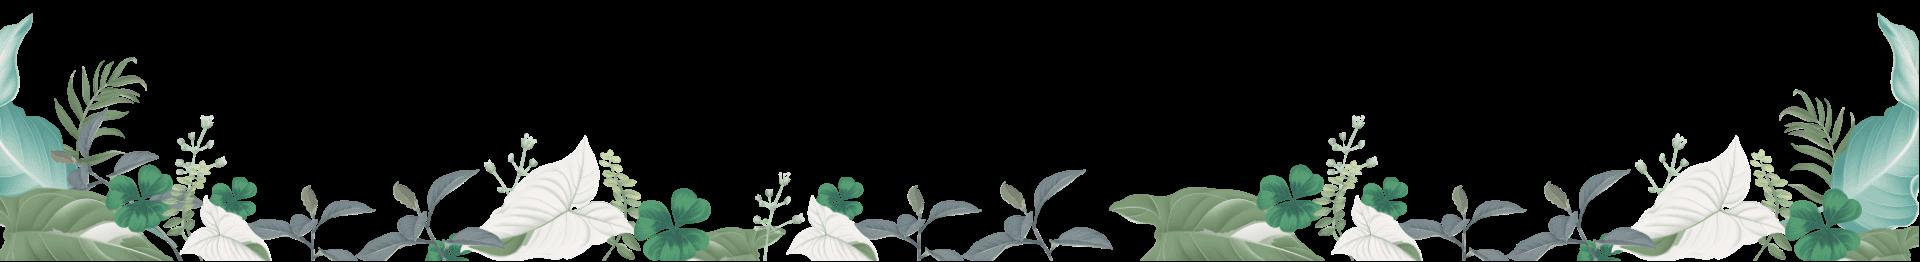 L'alyana Phú Quốc- Chủ Đầu Tư Dự Án L'alyana Senses World 52